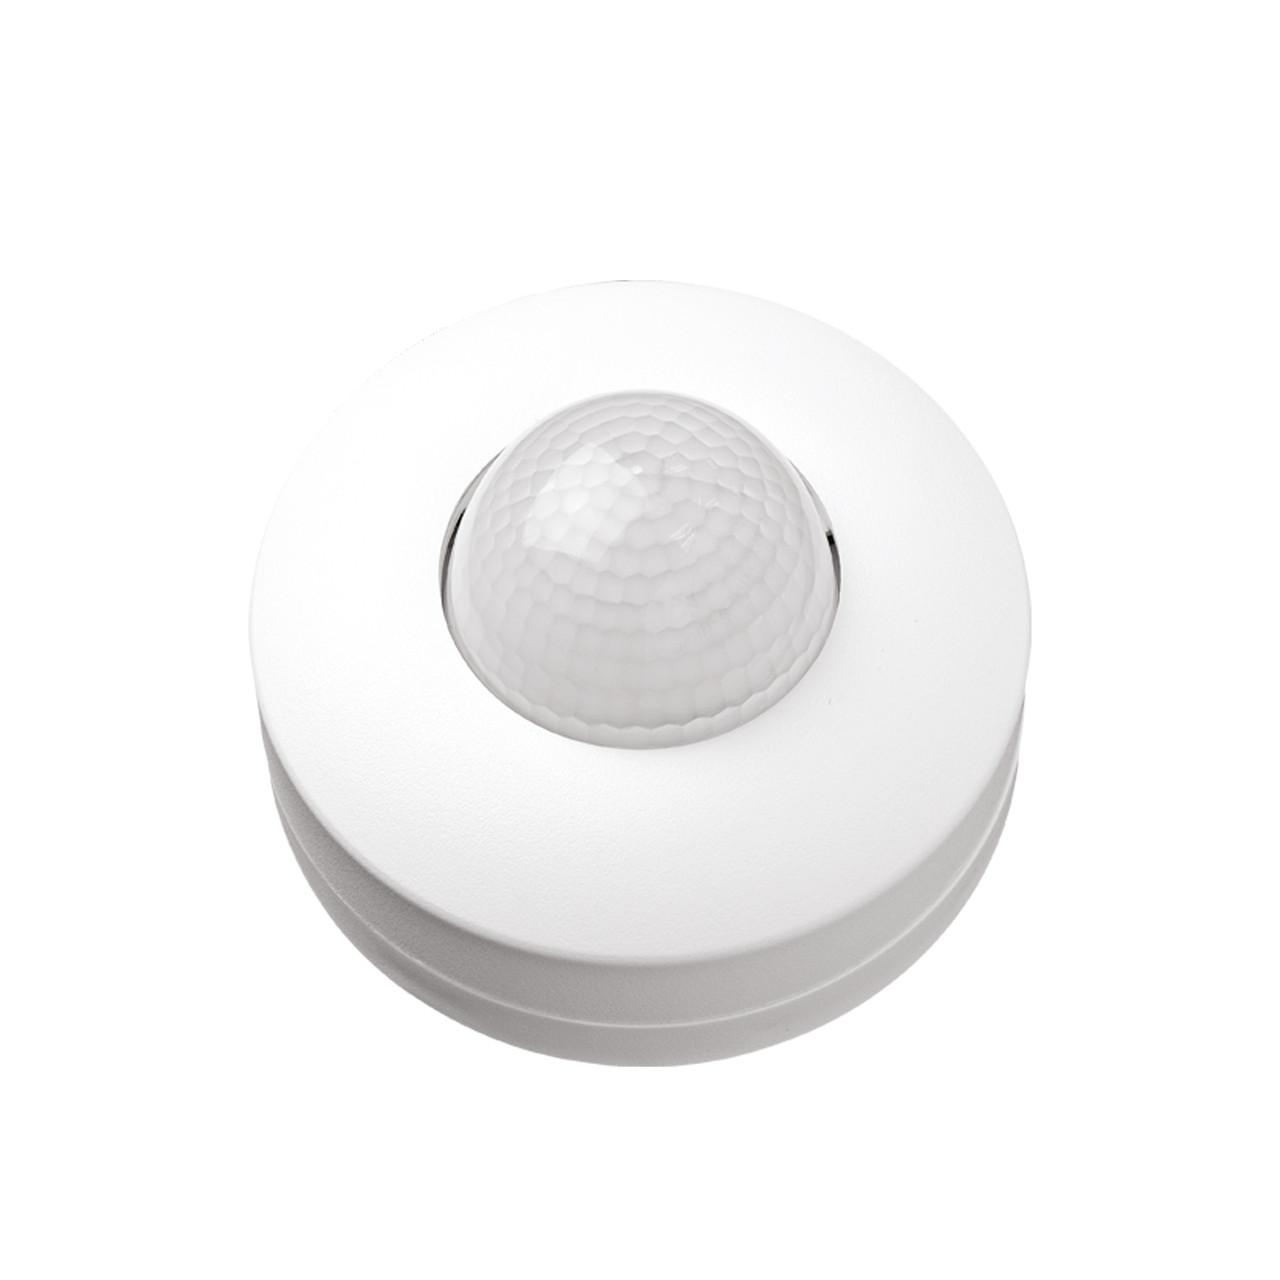 EUROELECTRIC Датчик движения «НЛО мини 3D» белый